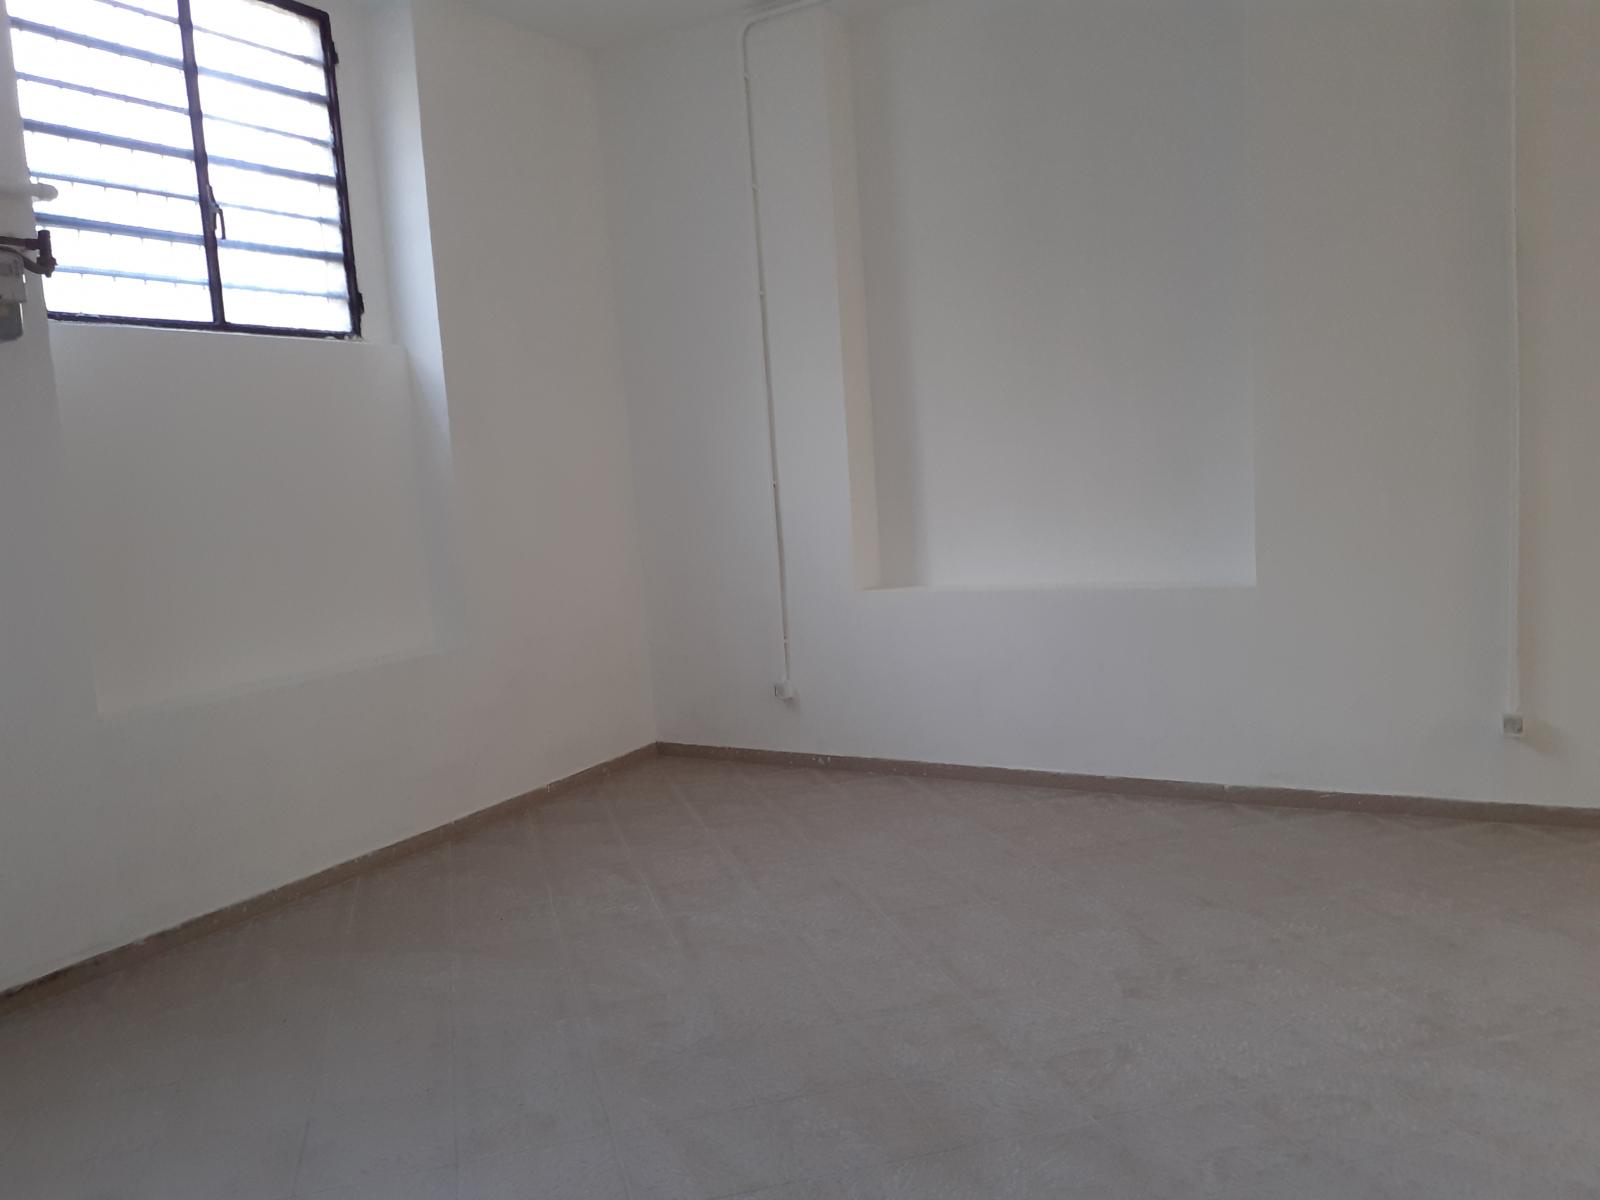 laboratorio-magazzino-in-vendita-affitto-a-baggio-spaziourbano-immobiliare-vende-affitta-10